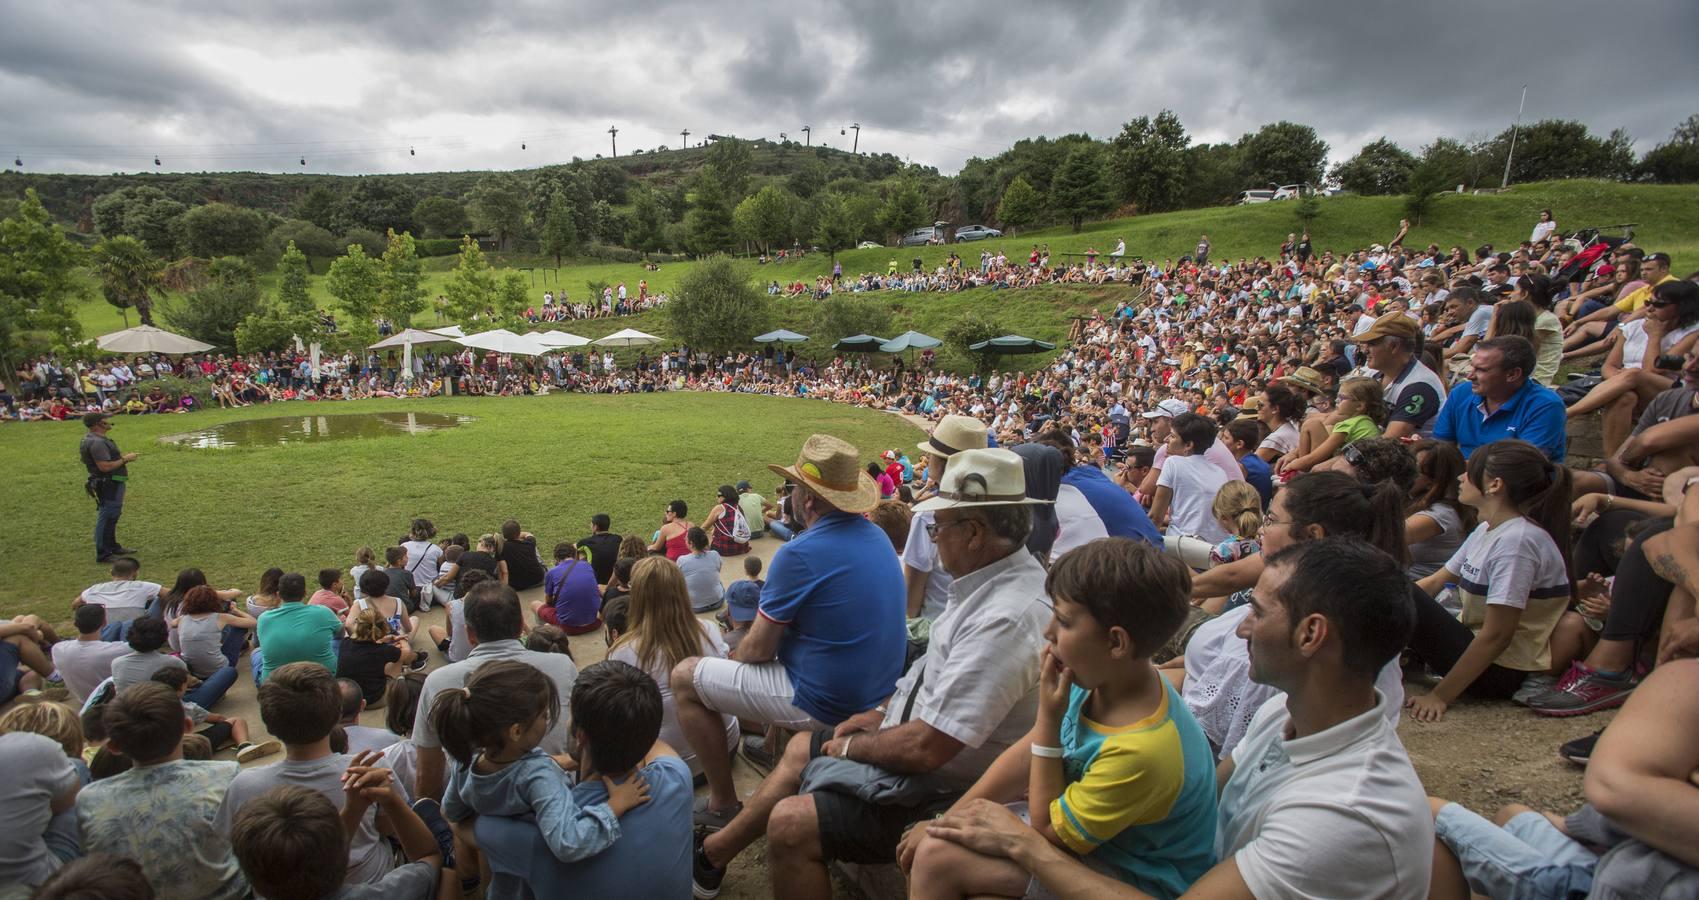 Cabárceno y Fuente Dé se resienten de la caída de turistas en un julio «desastroso»